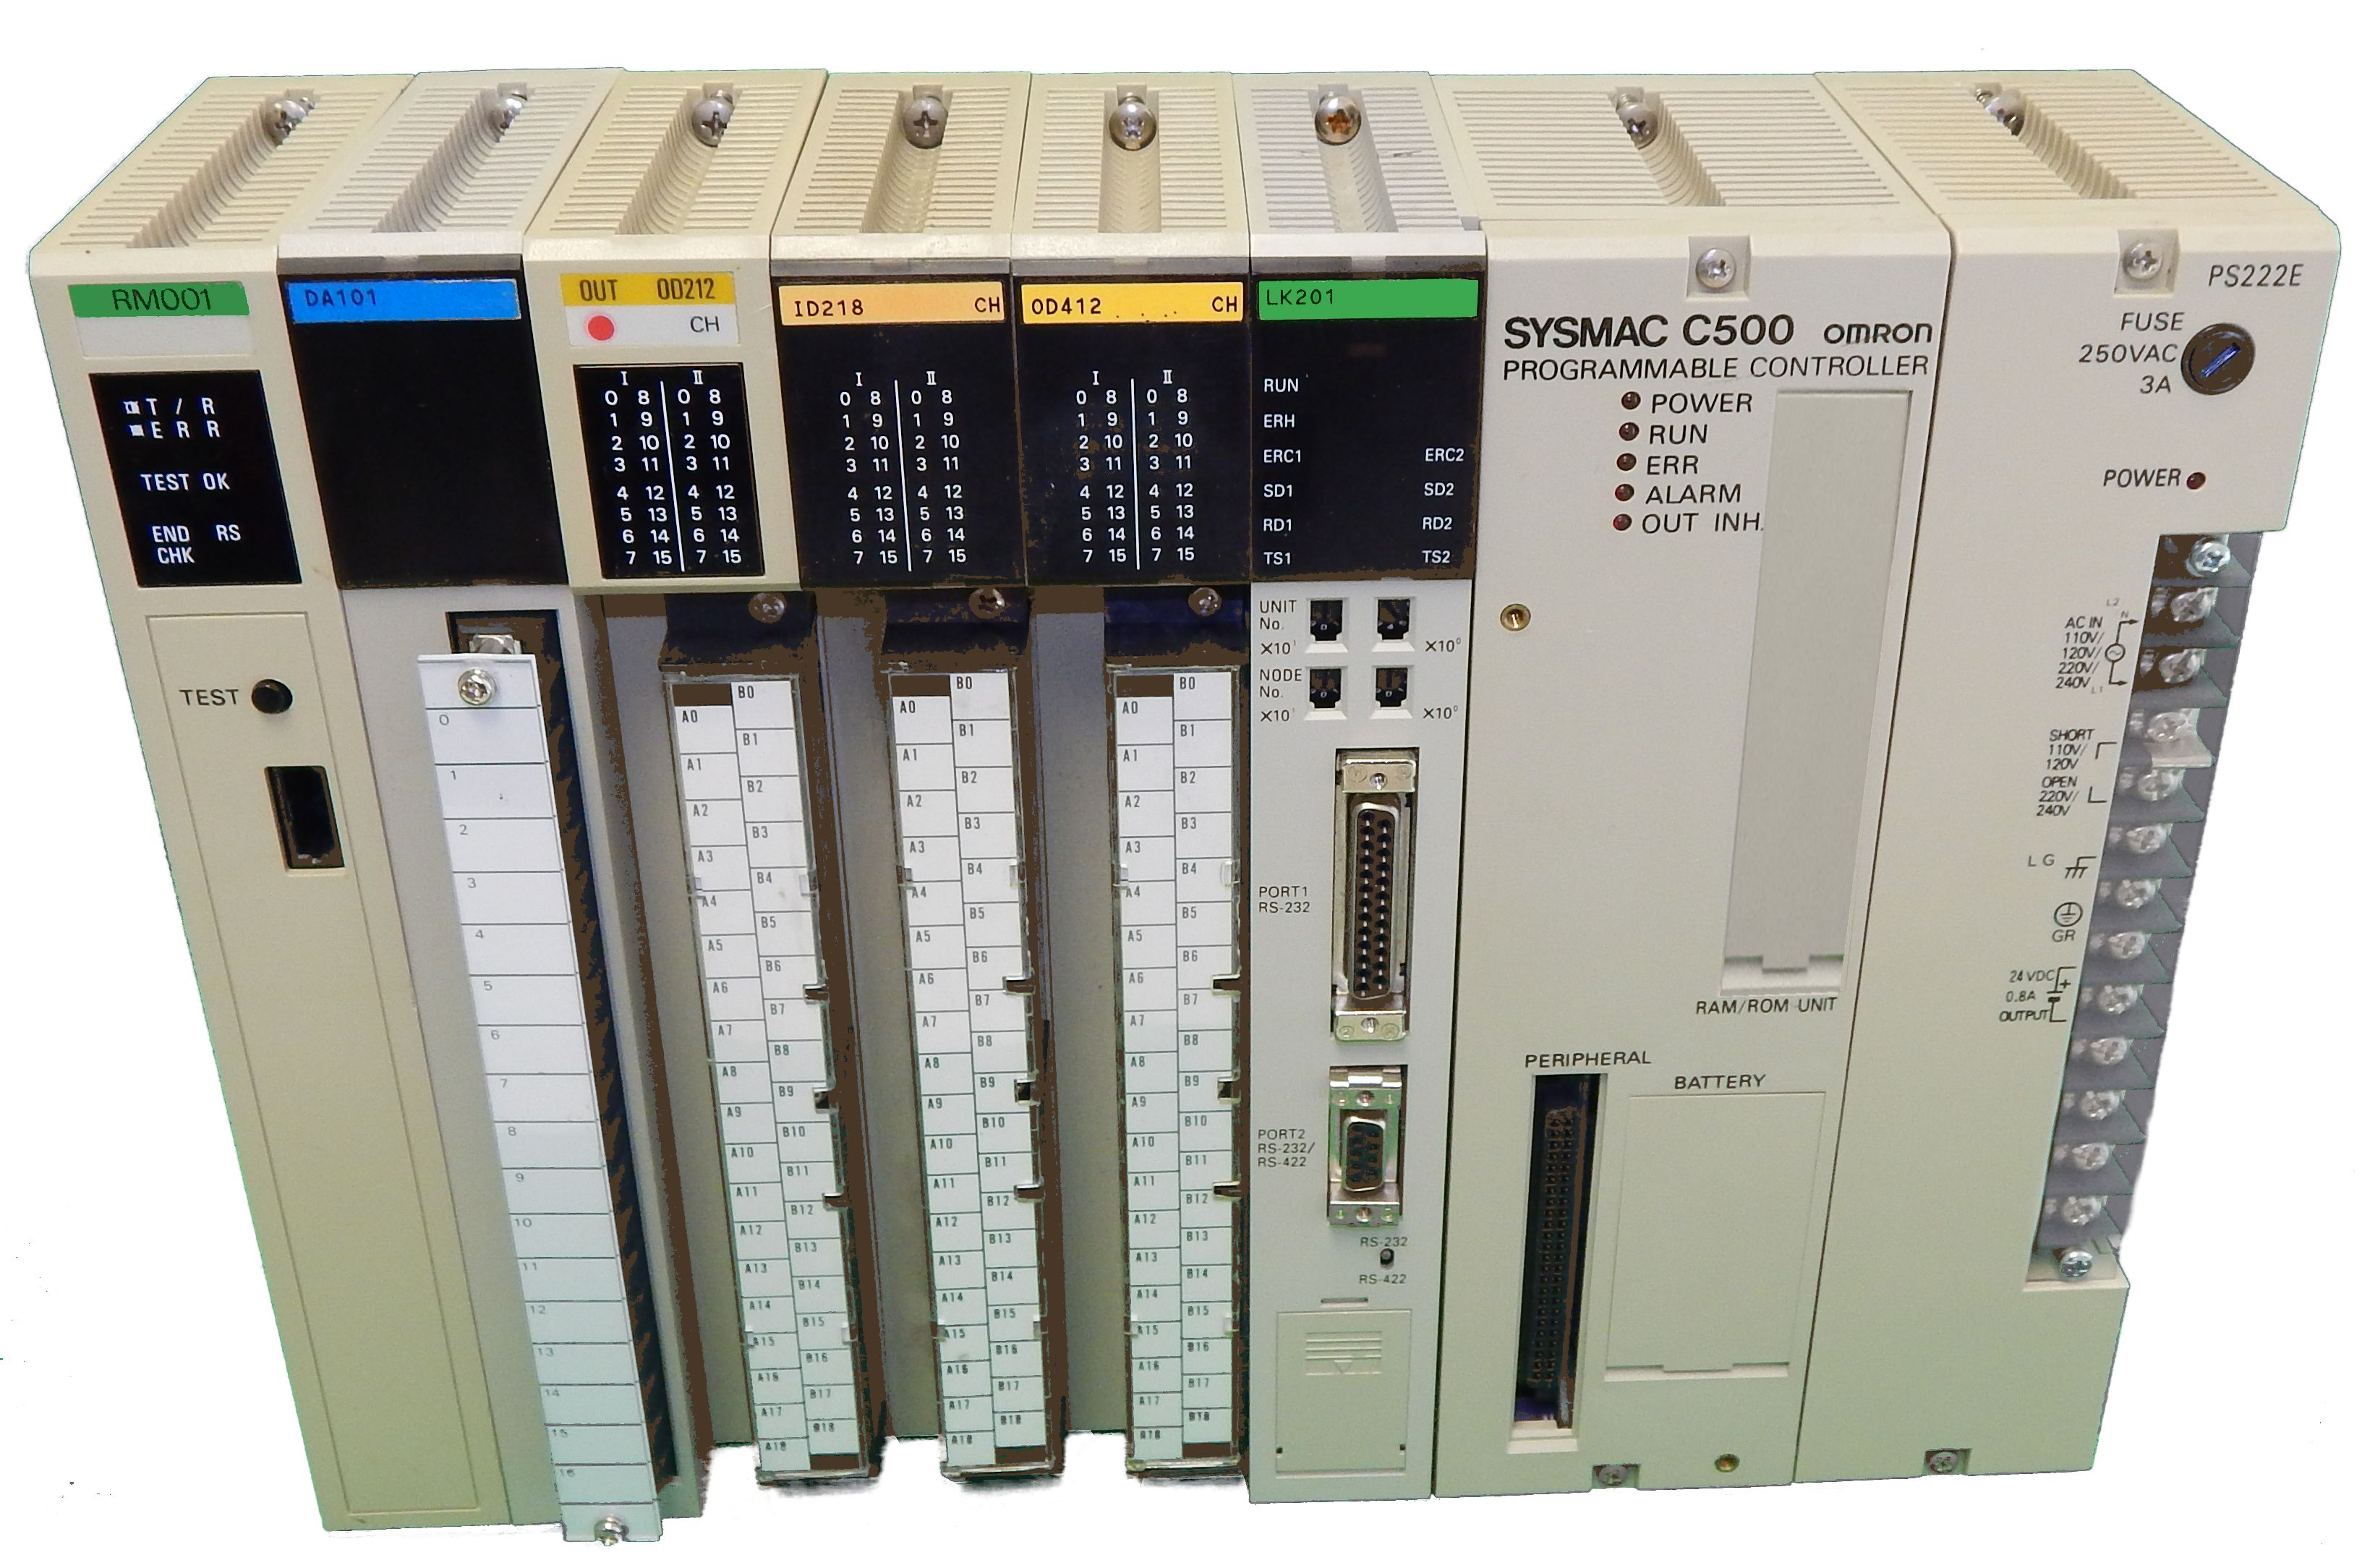 3G2A5-II002